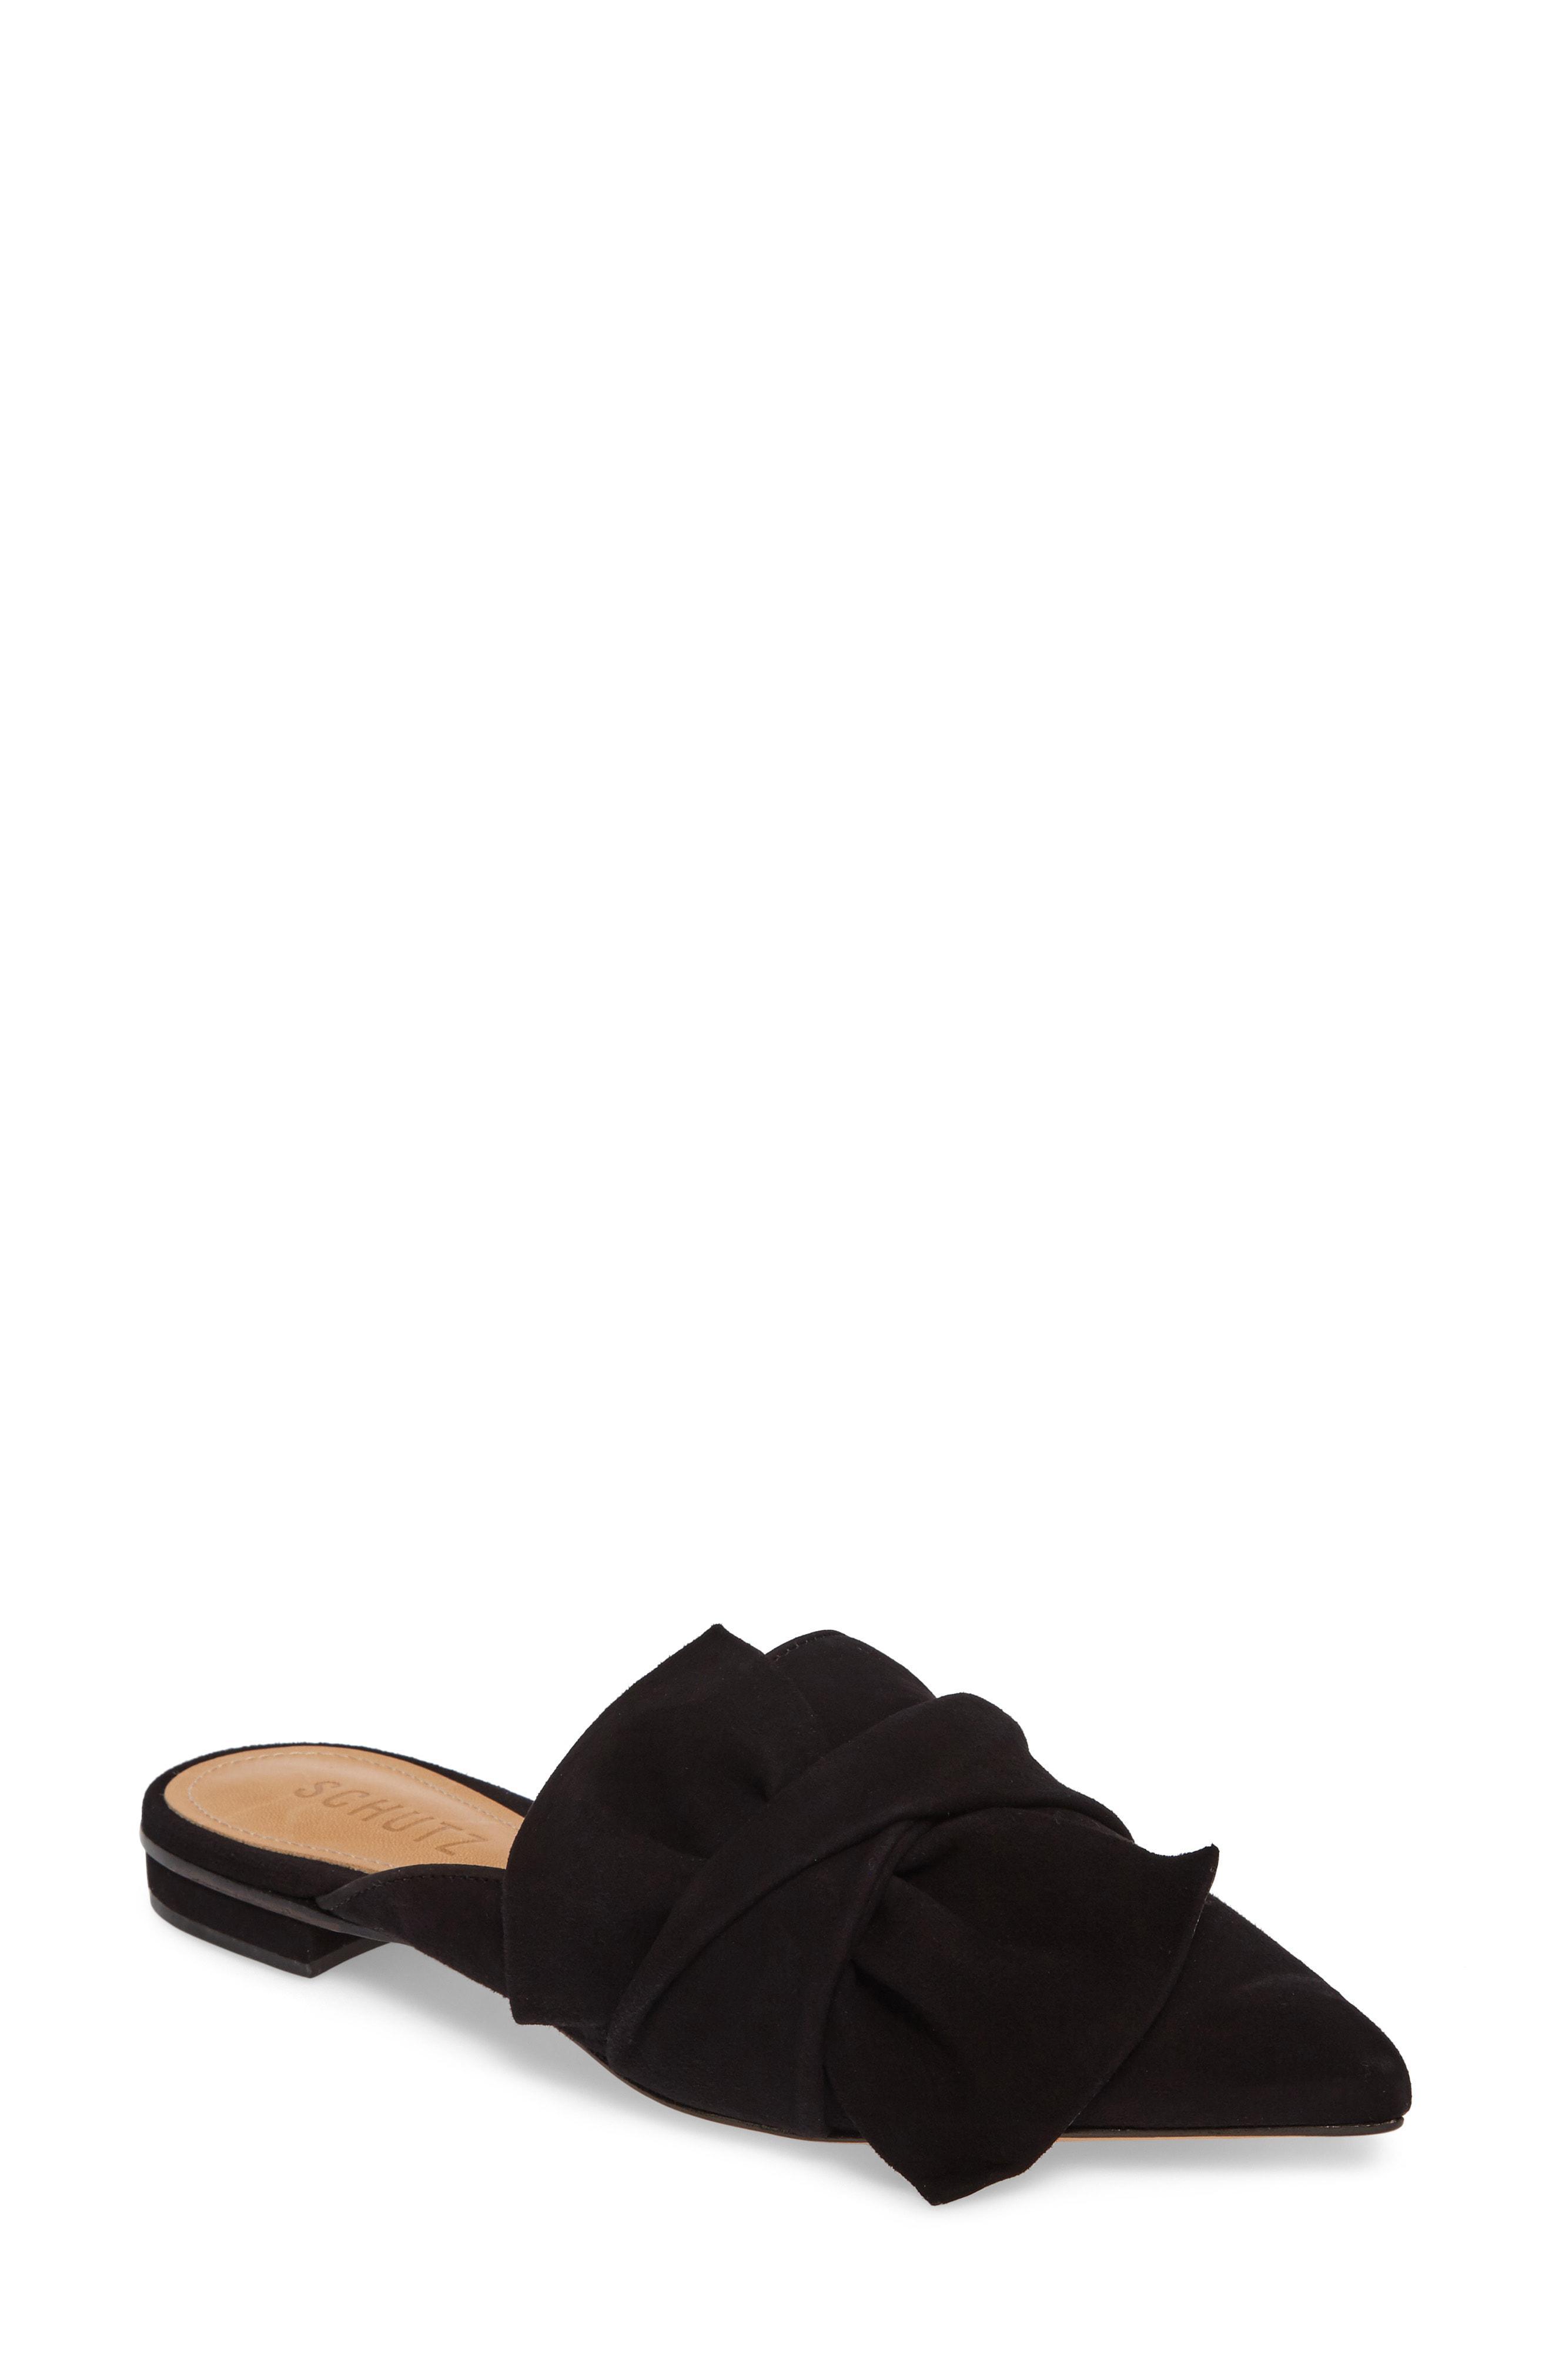 e3e795a3e91 Lyst - Schutz D ana Knotted Loafer Mule in Black